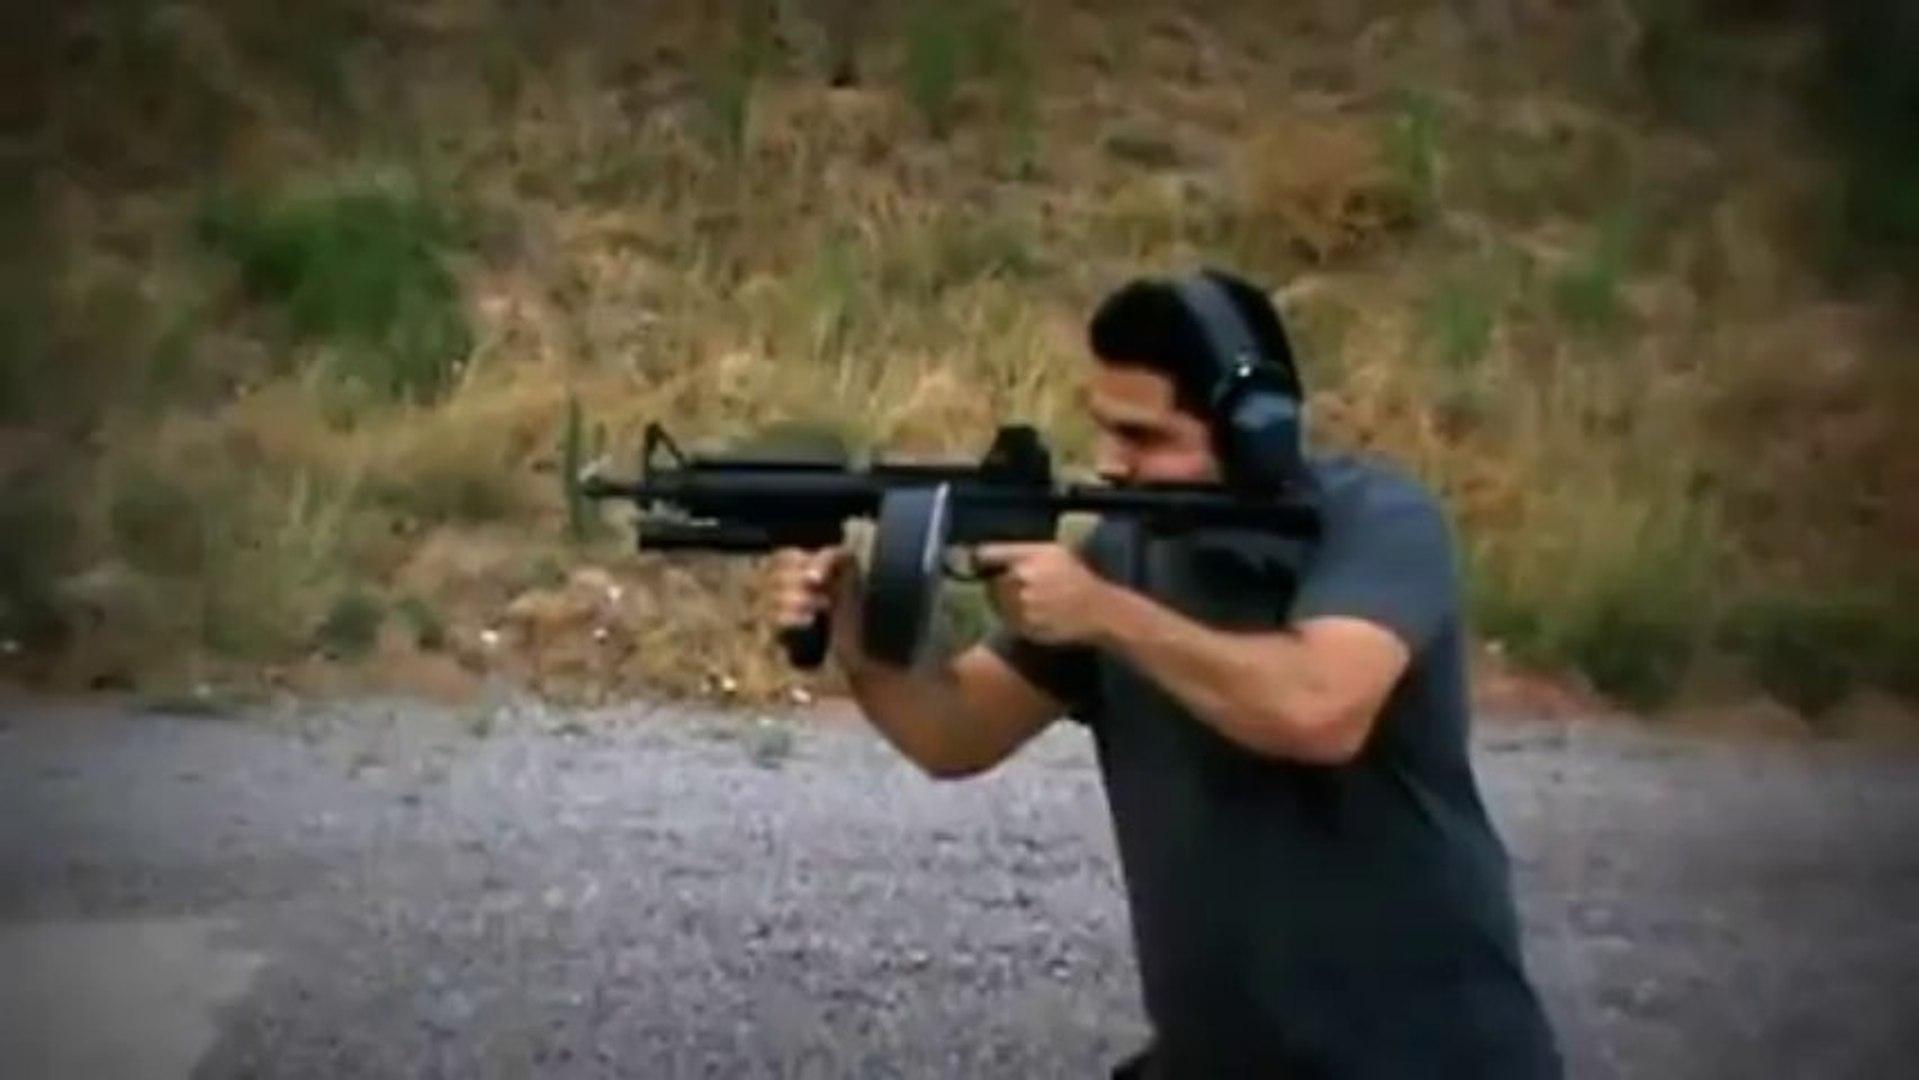 M4 AR15 DRUM MAG DUMP